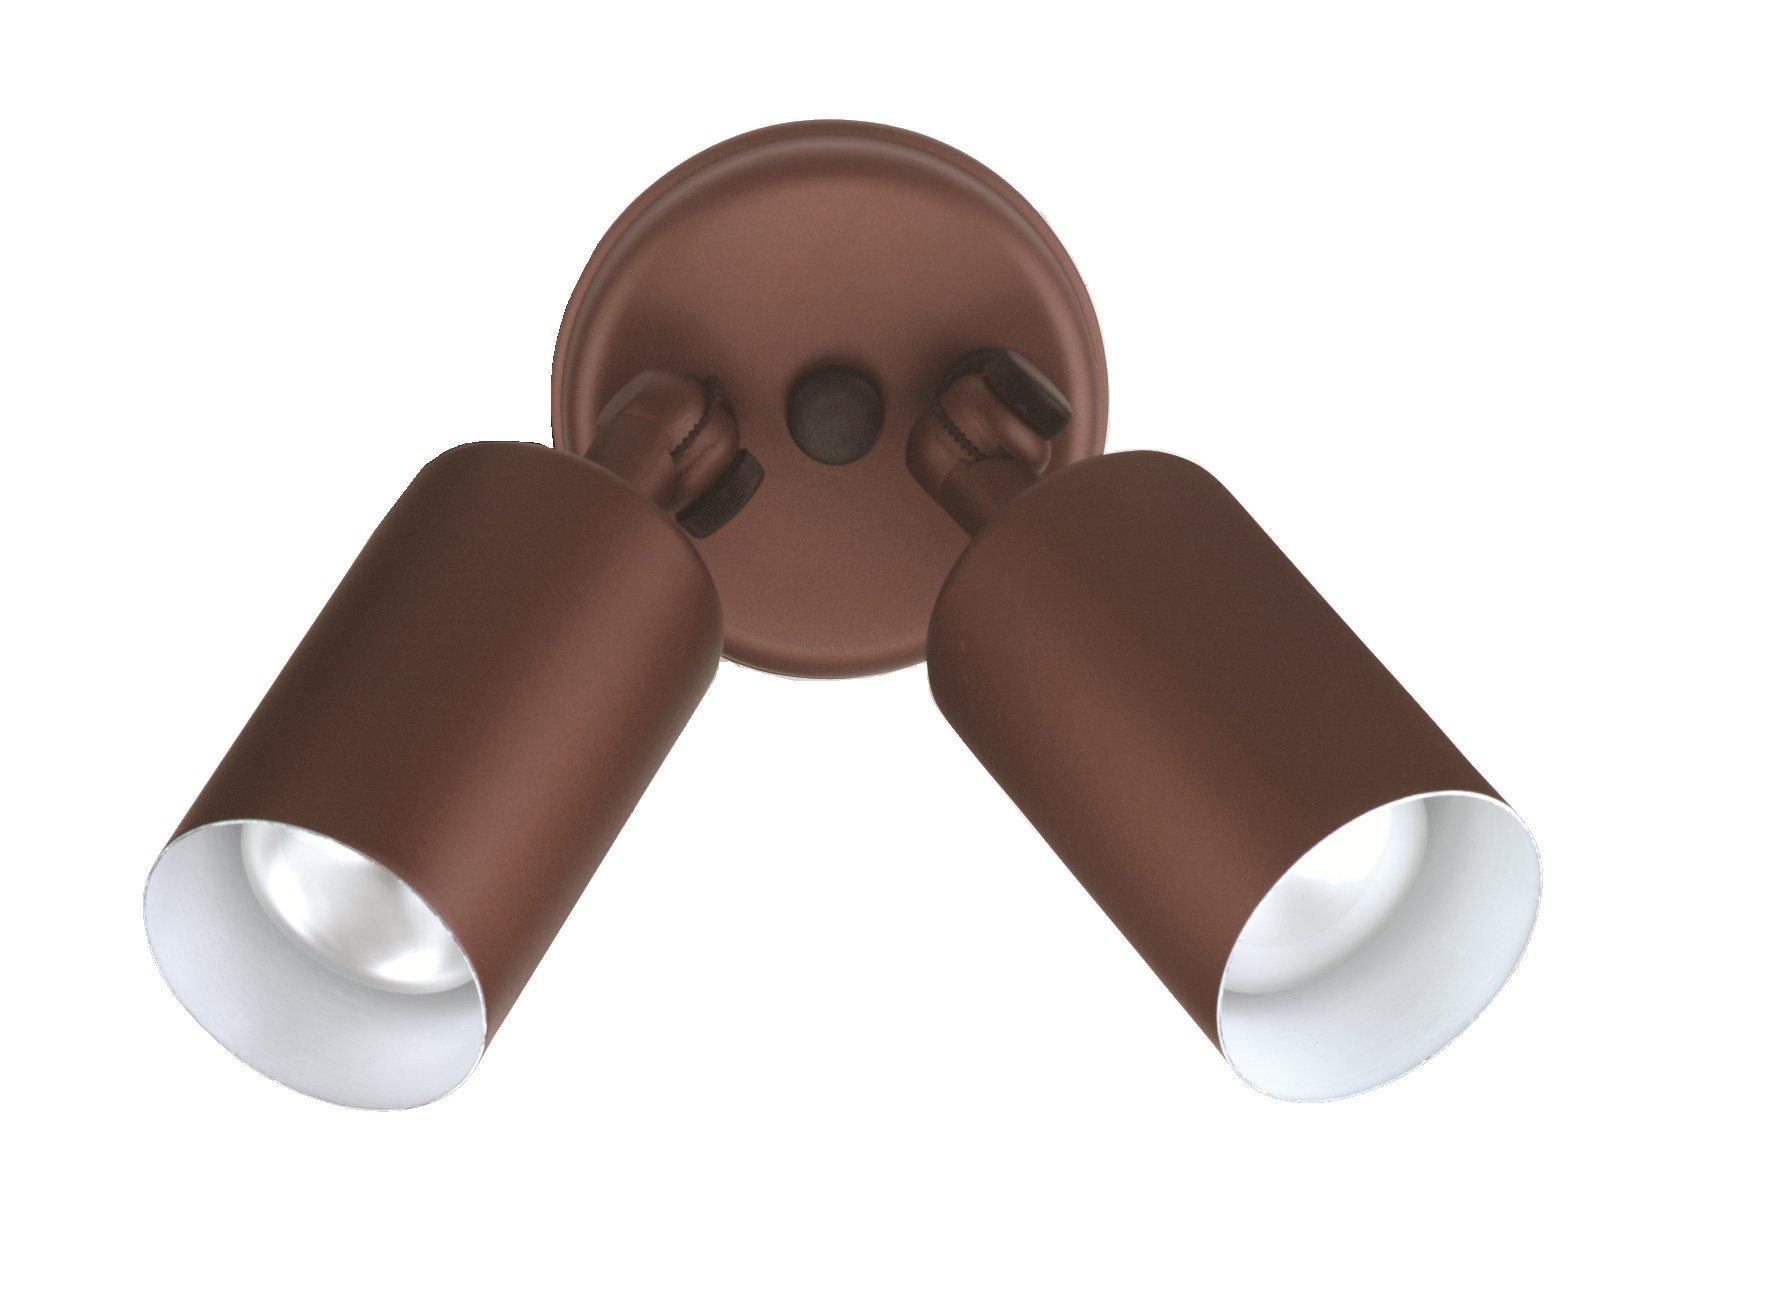 NICOR Lighting 50-Watt Double Bullet Adjustable Outdoor Flood Light, Bronze (11528)